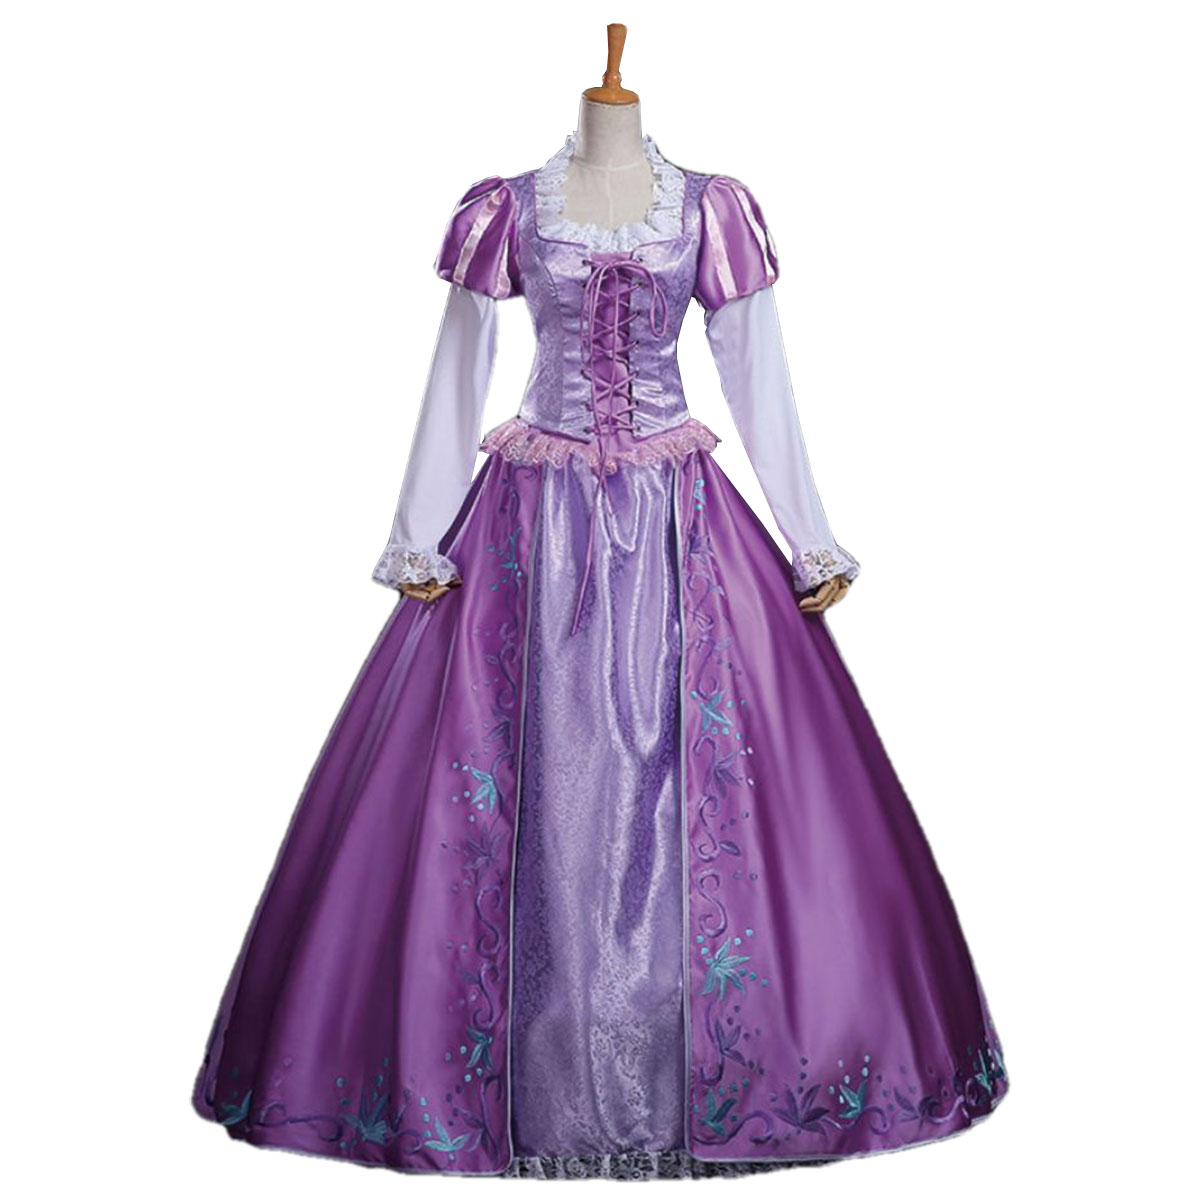 ラプンツェル ドレス 大人 衣装 コスプレ プリンセス コスチューム レディース ハロウィン コス 衣装 仮装 成人